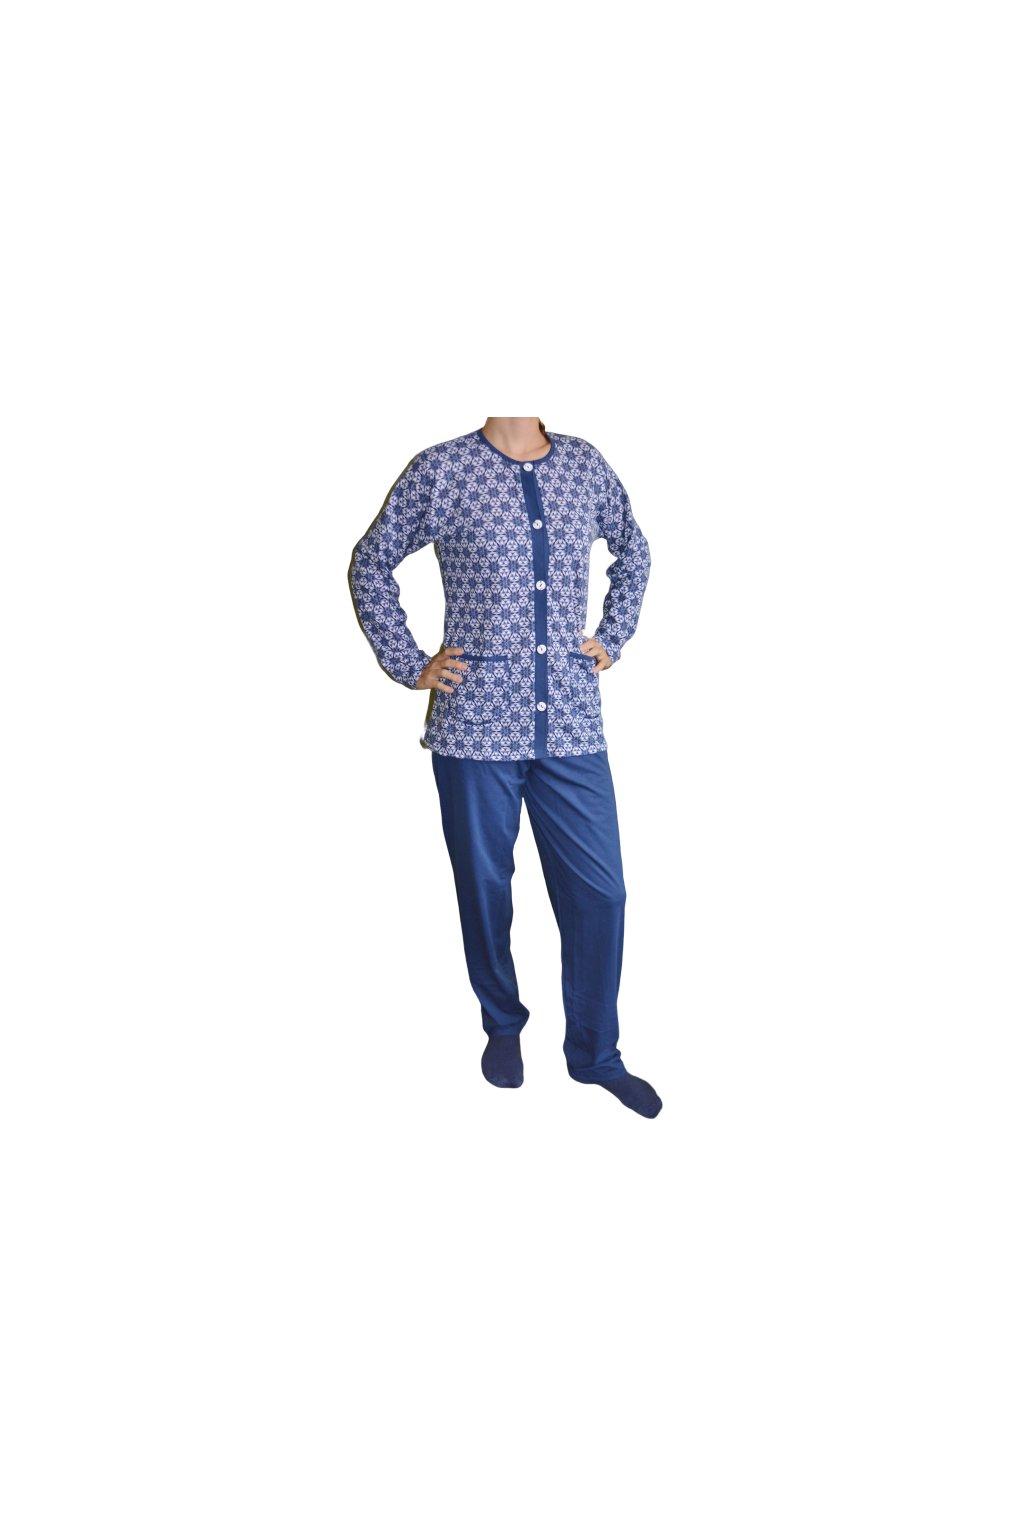 Dáša - propínací pyžamo/ domácí oblečení